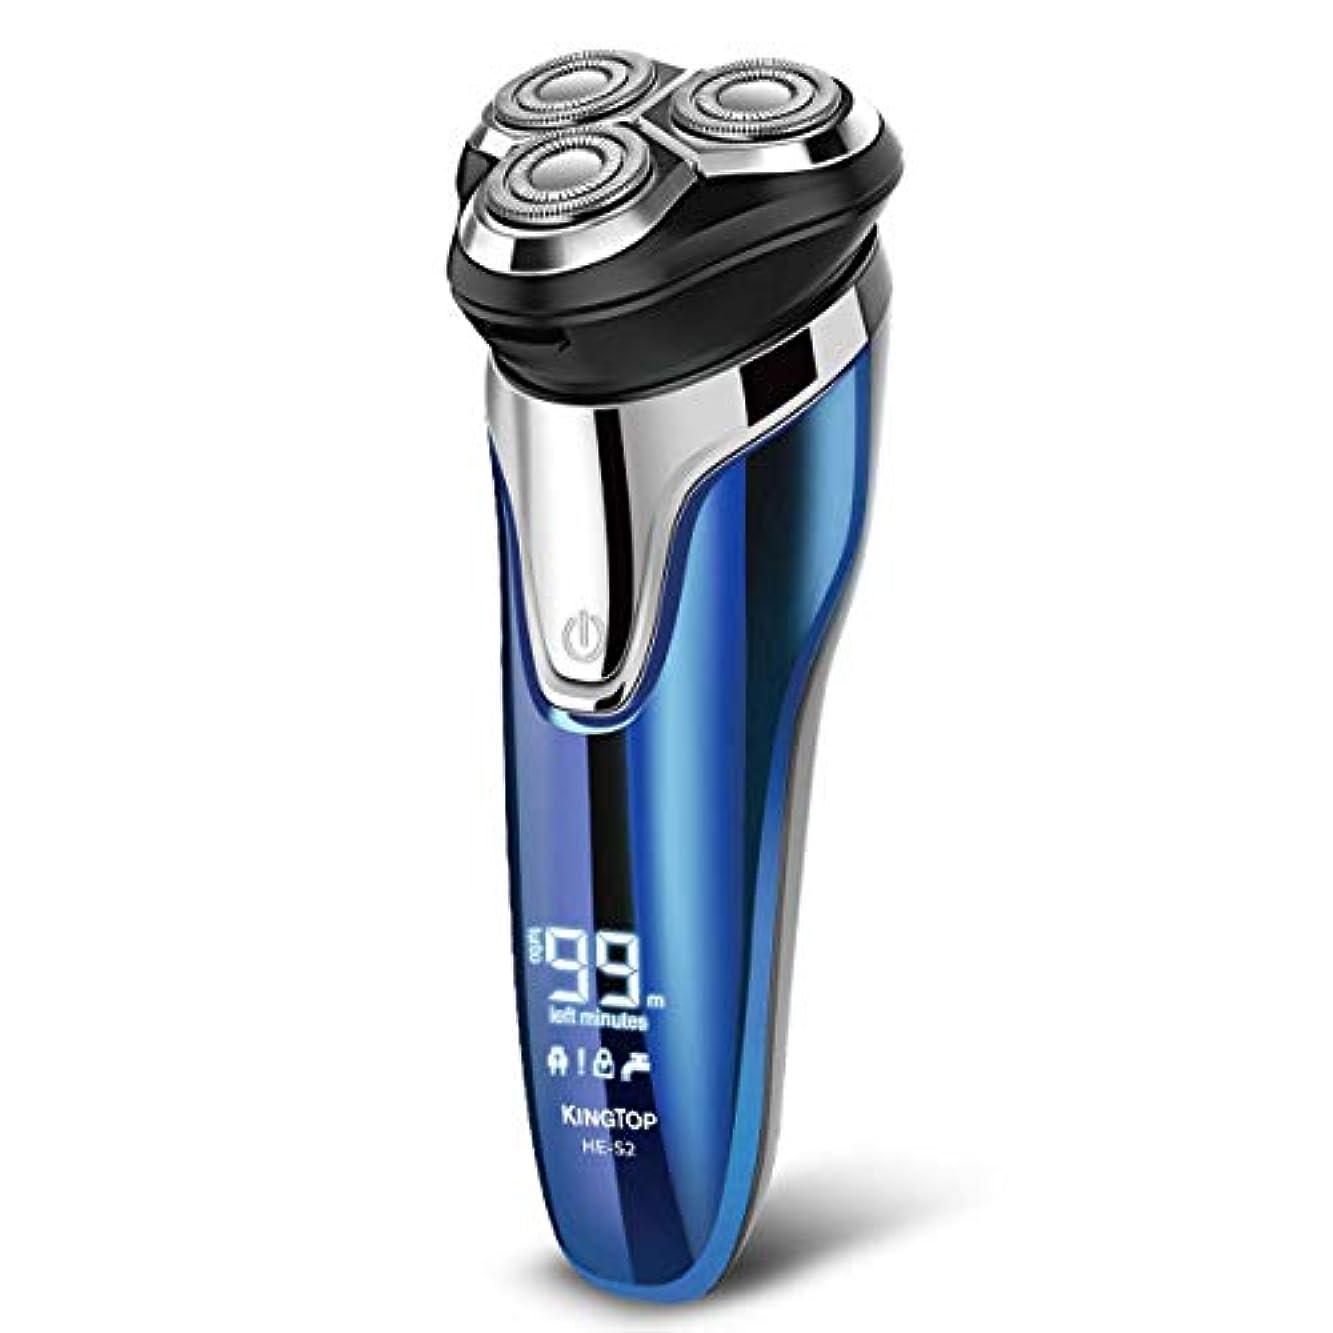 支援窒息させる最適シェーバー メンズ 電気シェーバー メンズシェーバー カミソリ 髭剃り 回転式 USB充電式